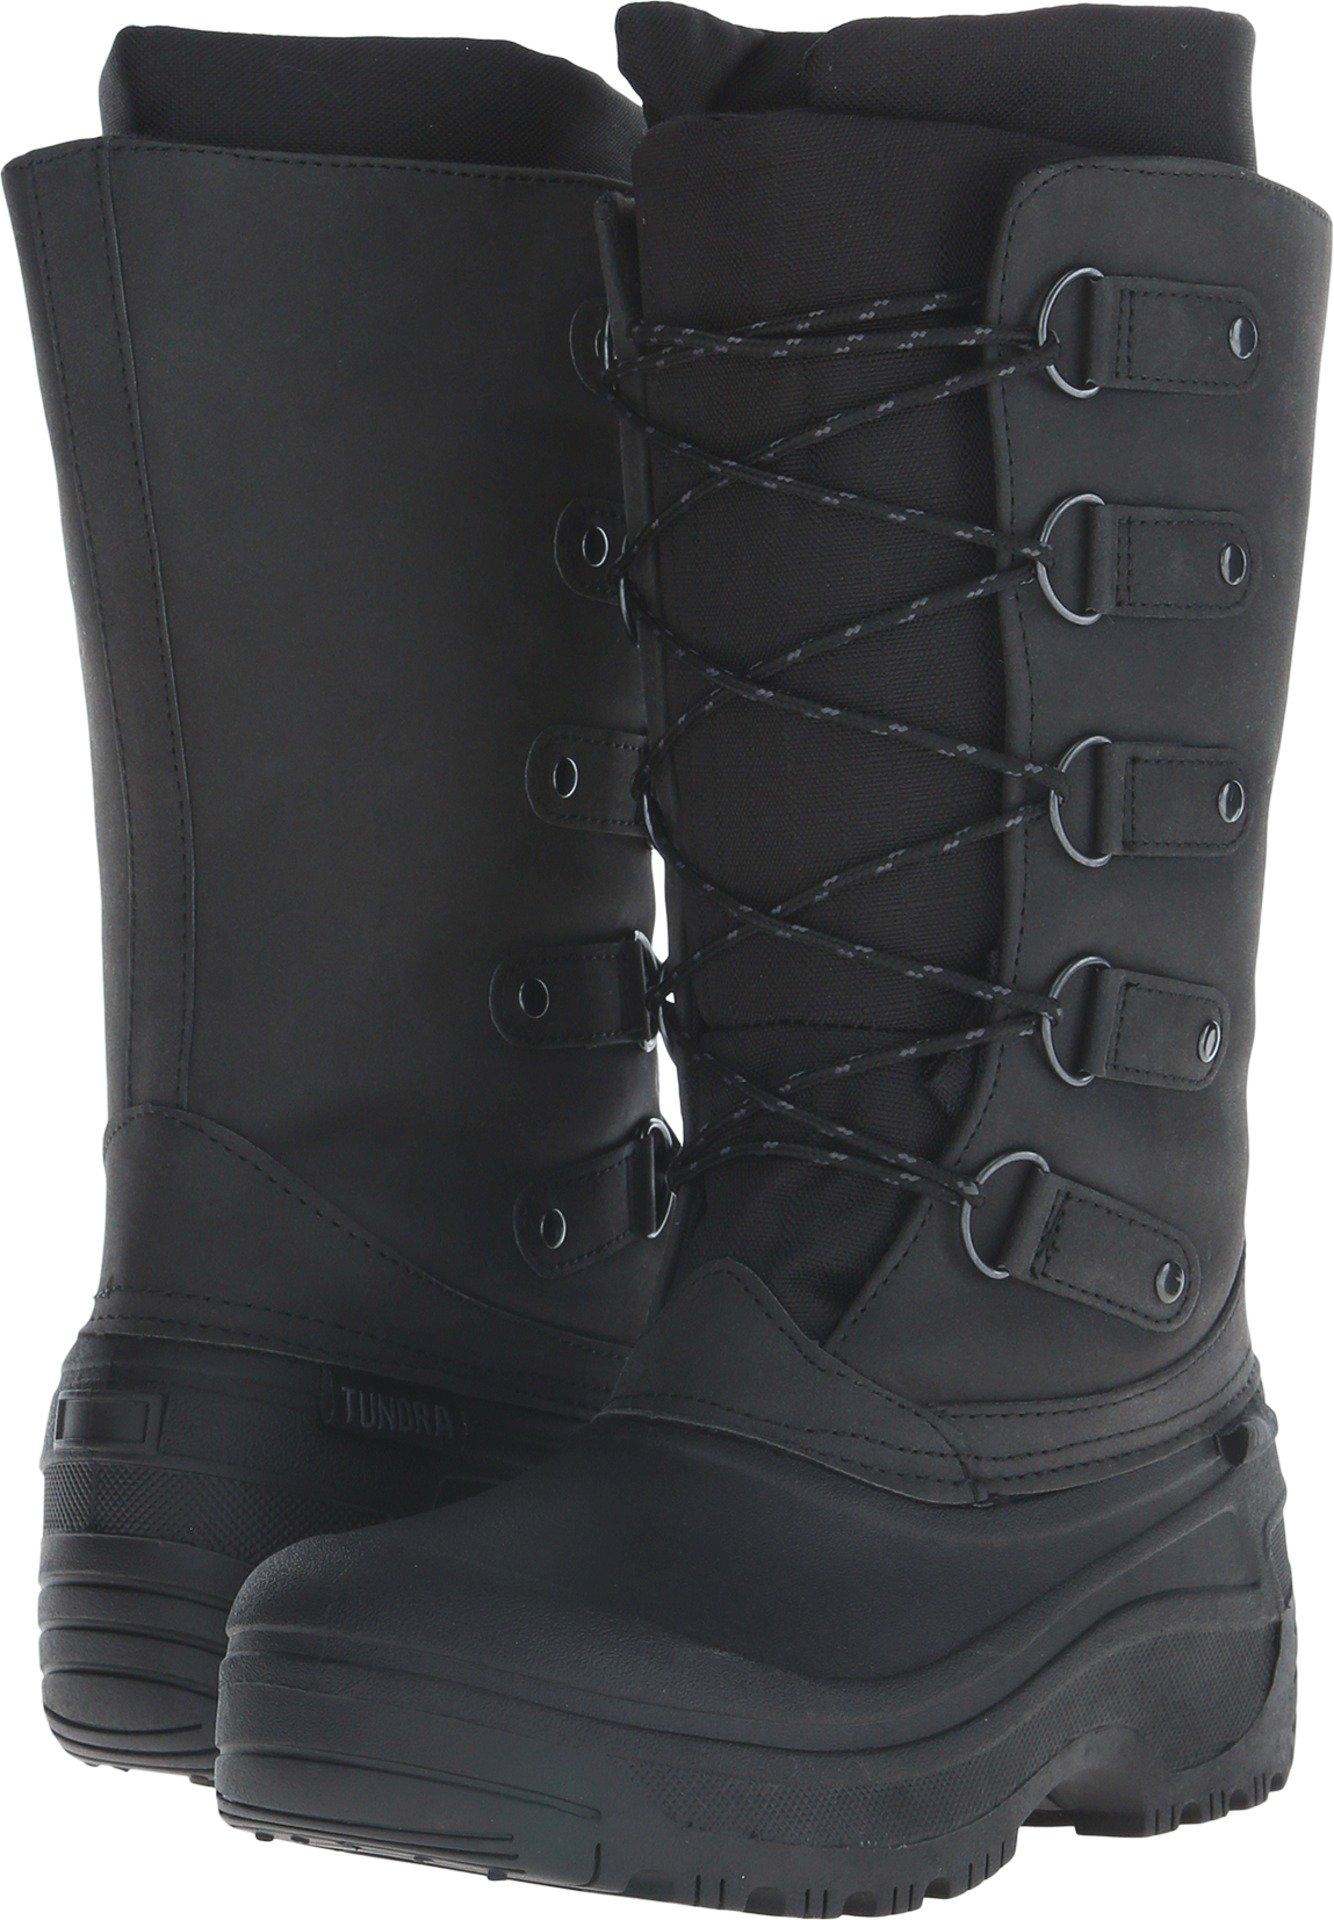 Tundra Women's Tatiana Winter Boot, Black, 7 B US by Tundra